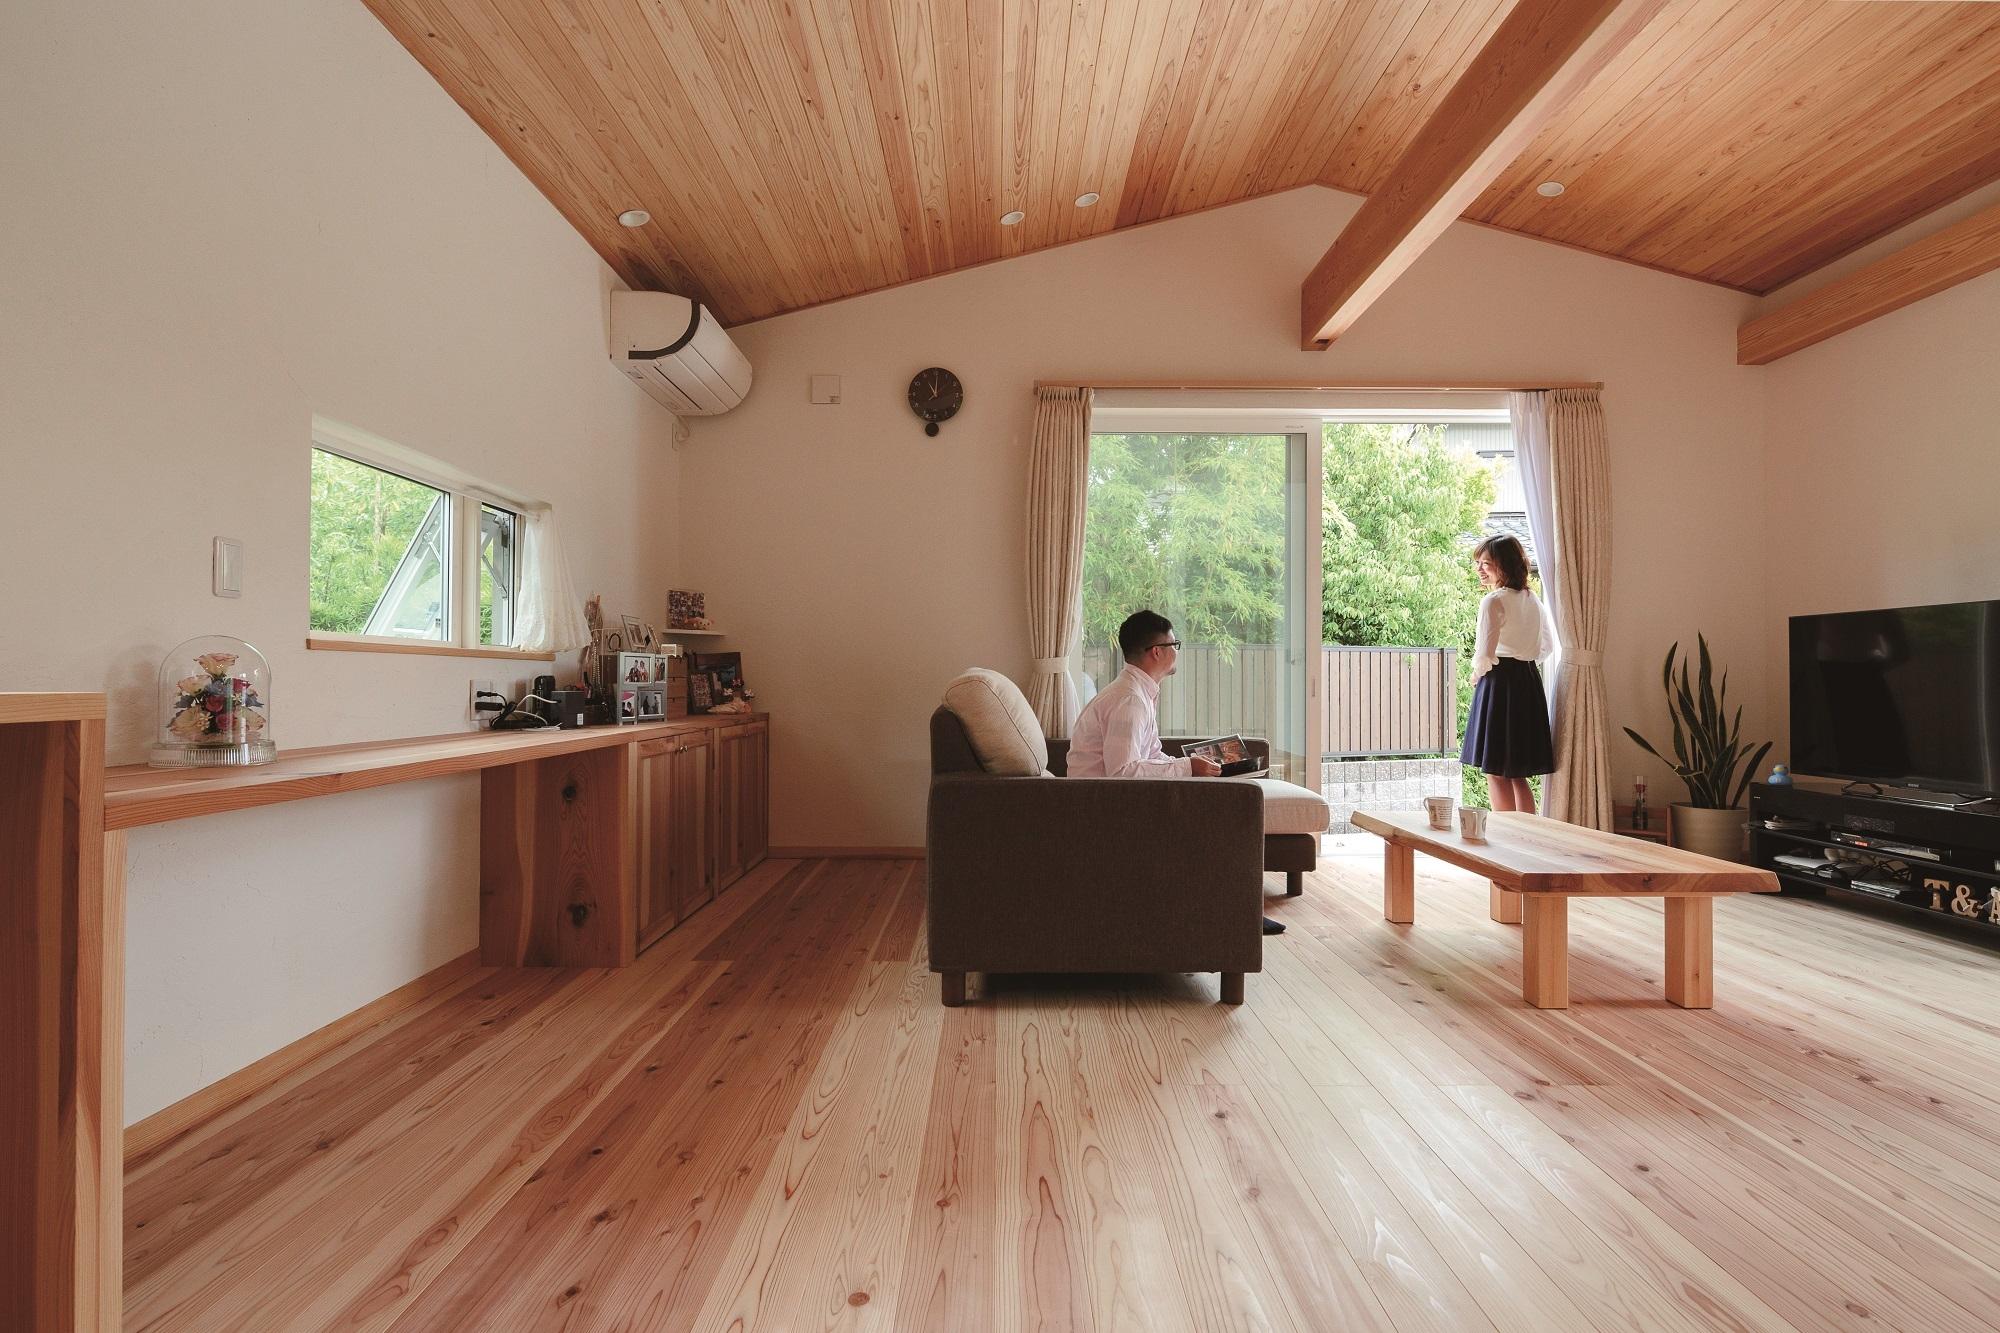 医師が薦める本物の健康住宅 「0宣言の家」を取り入れた自然素材の家